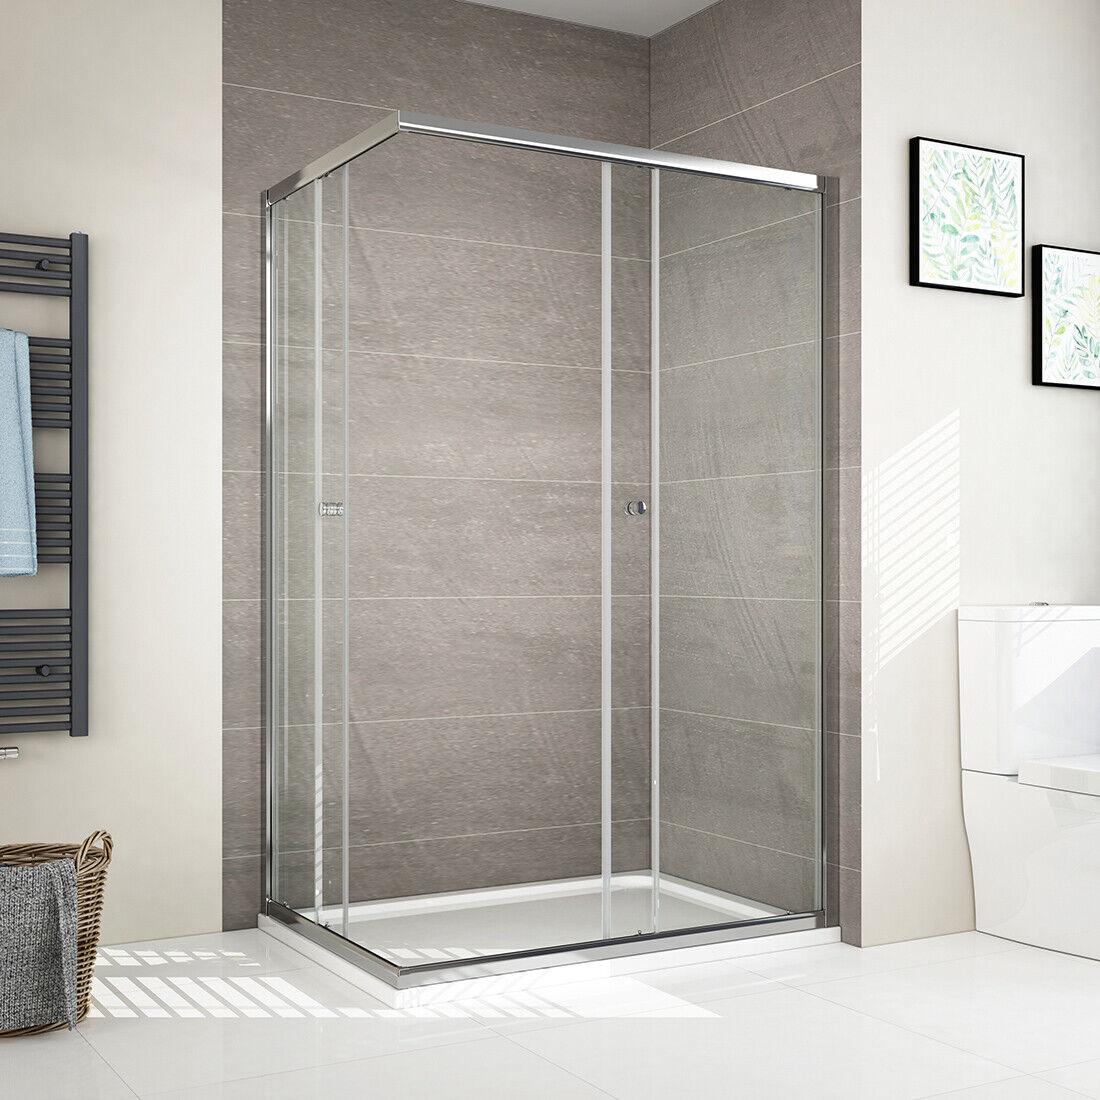 duschdichtung ersatzdichtung wasserabweiser duschprofil. Black Bedroom Furniture Sets. Home Design Ideas